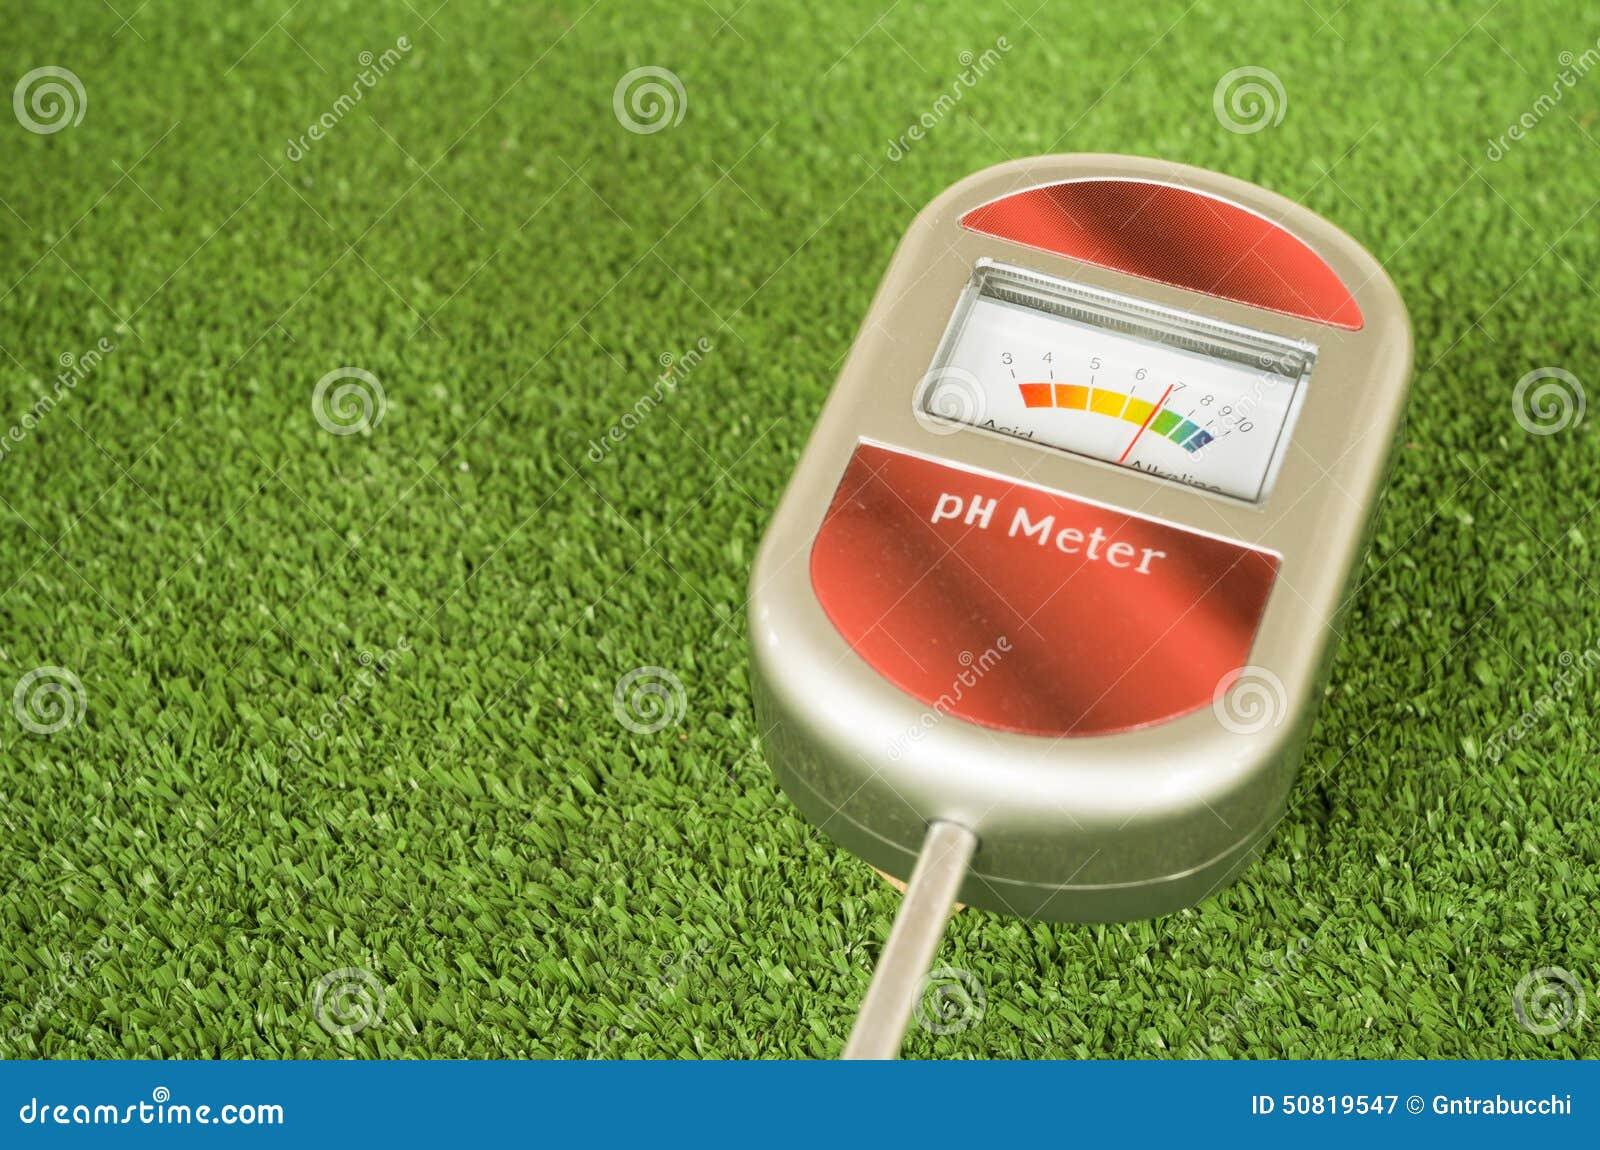 Analog Meter Background : Analog soil ph meter stock photo image